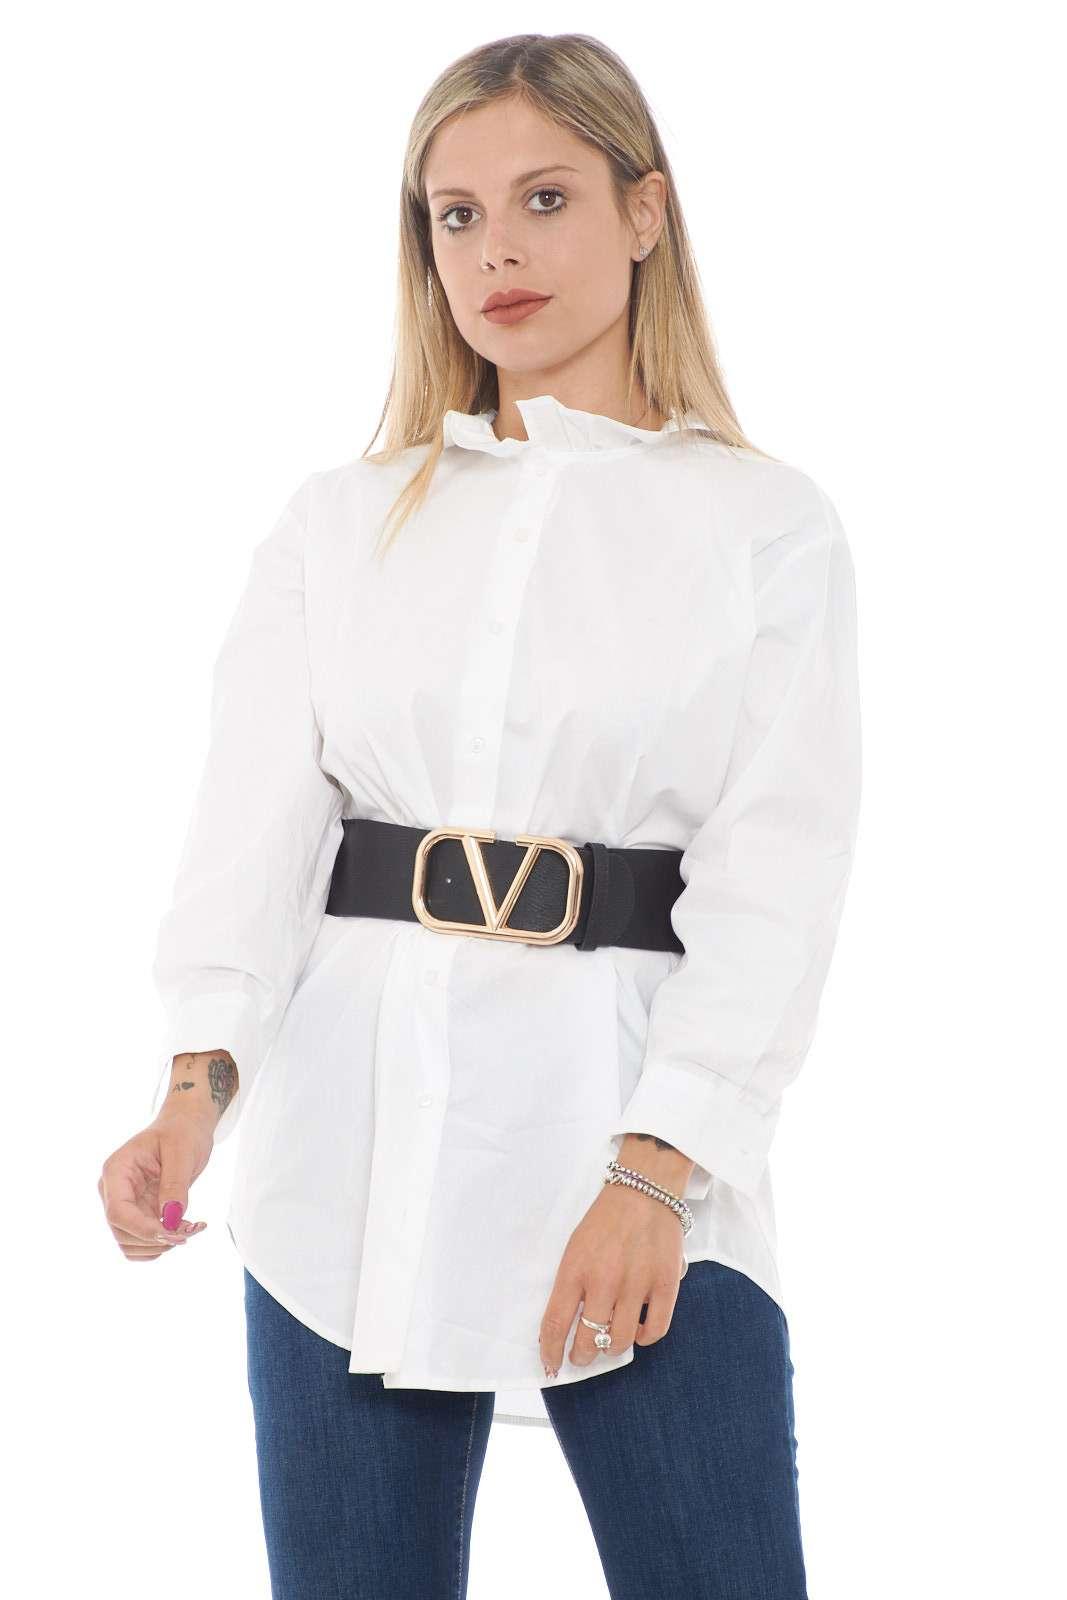 Una camicia che permette svariati abbinamenti, per uno stile chic e impeccabile tutti i giorni. Da indossare sopra ad un jeans, o da solo, per look più audaci, in entrambi i casi, si potrà abbinare ad un cinturone, per un total look davvero chic.